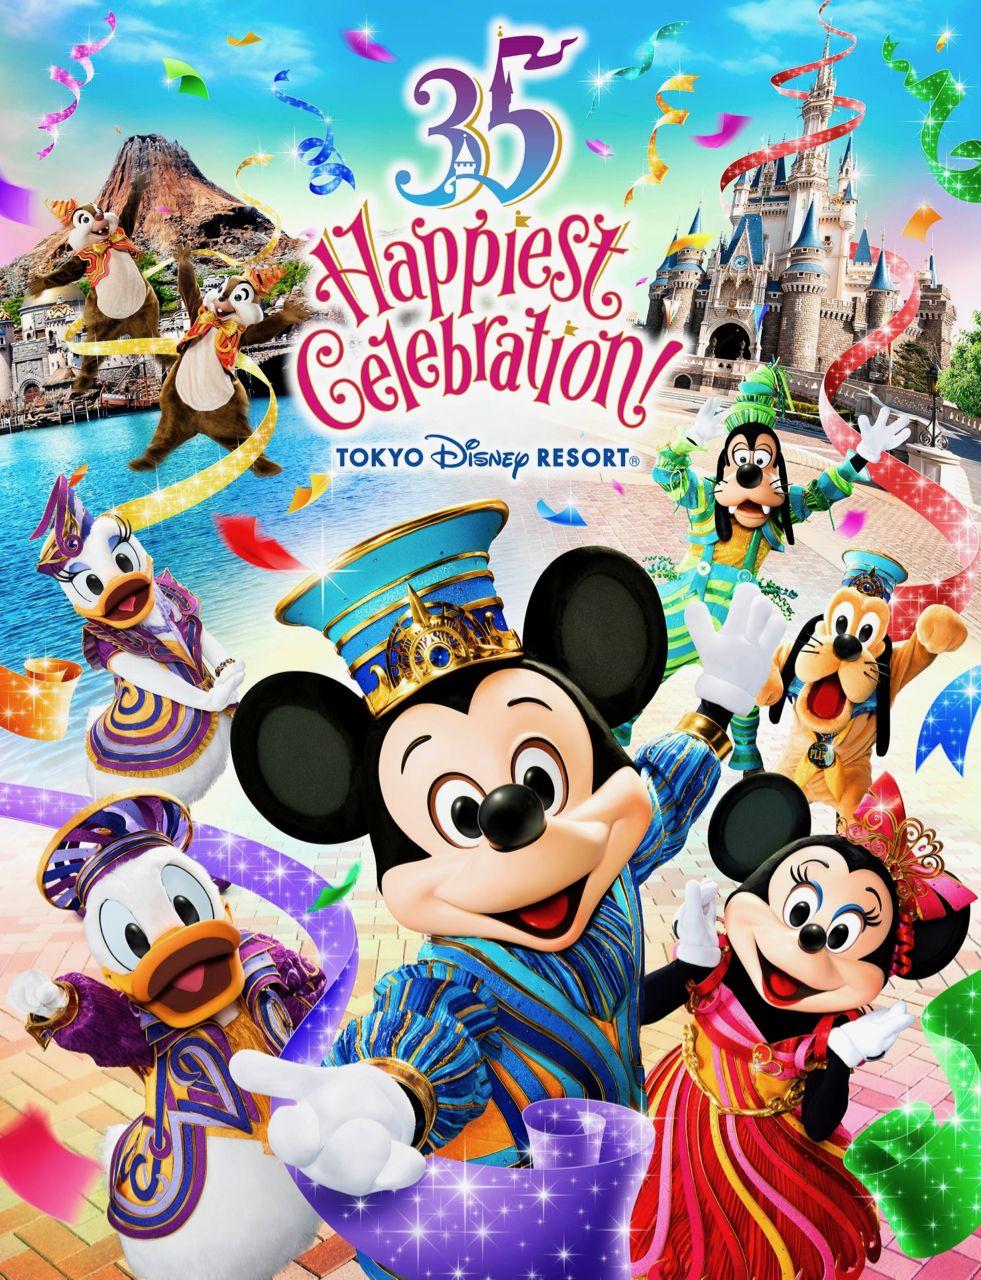 東京ディズニーリゾート35周年イベント詳細発表 ディズニーミッキー